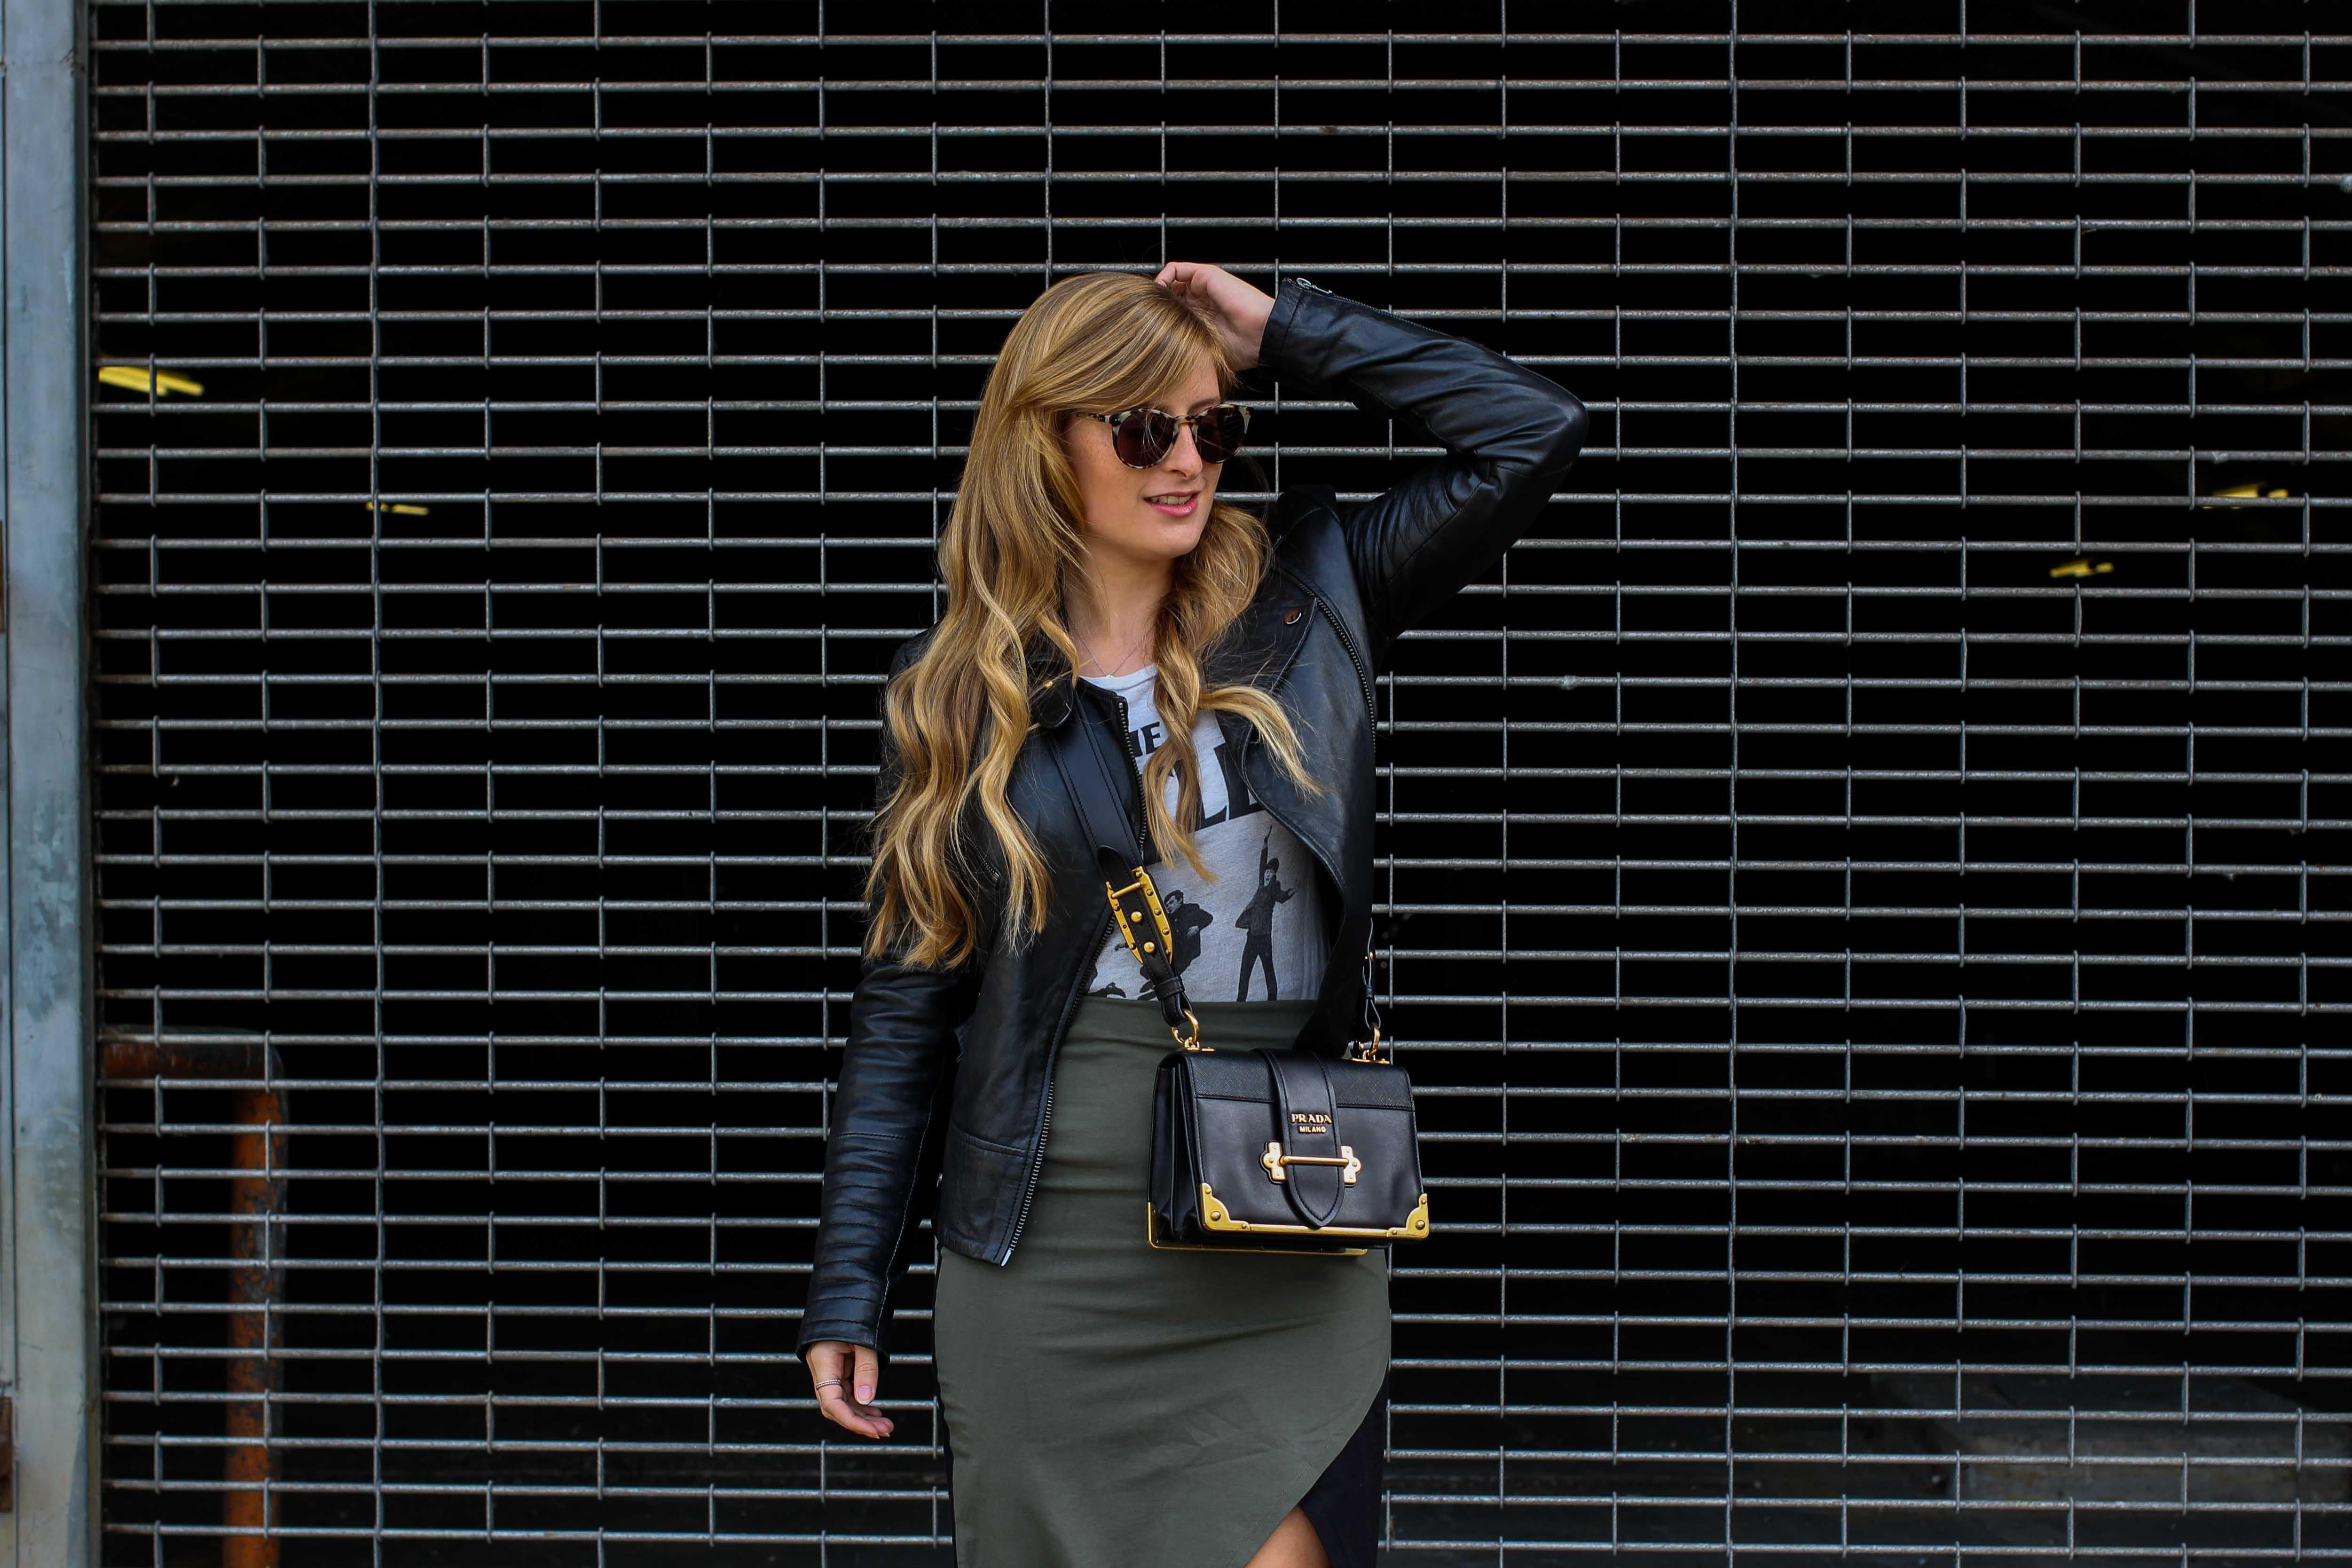 Sommer Streetstyle 2018 kombinieren Bandshirt the beatles Lederjacke Damen Prada Cahier Designertasche Modeblog Köln Blogger DE Outfit Sommer 9